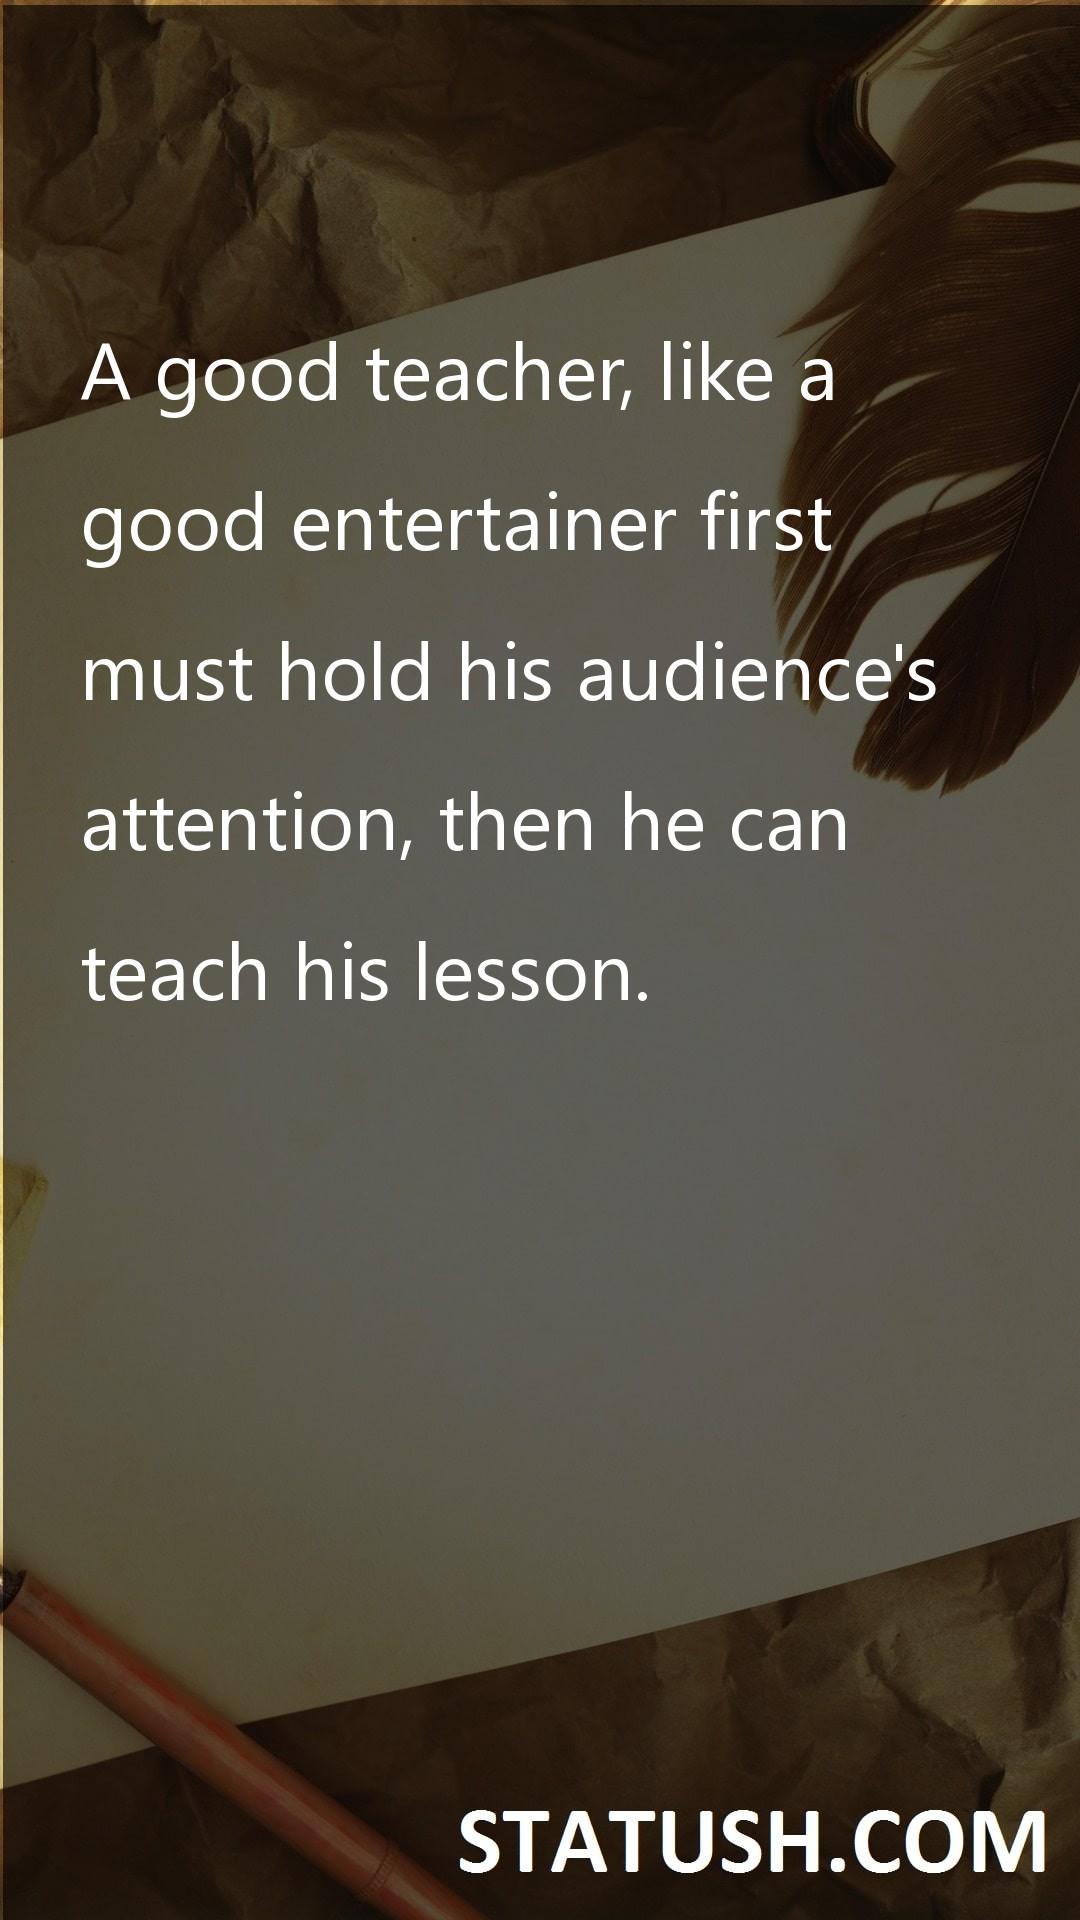 A good teacher like a